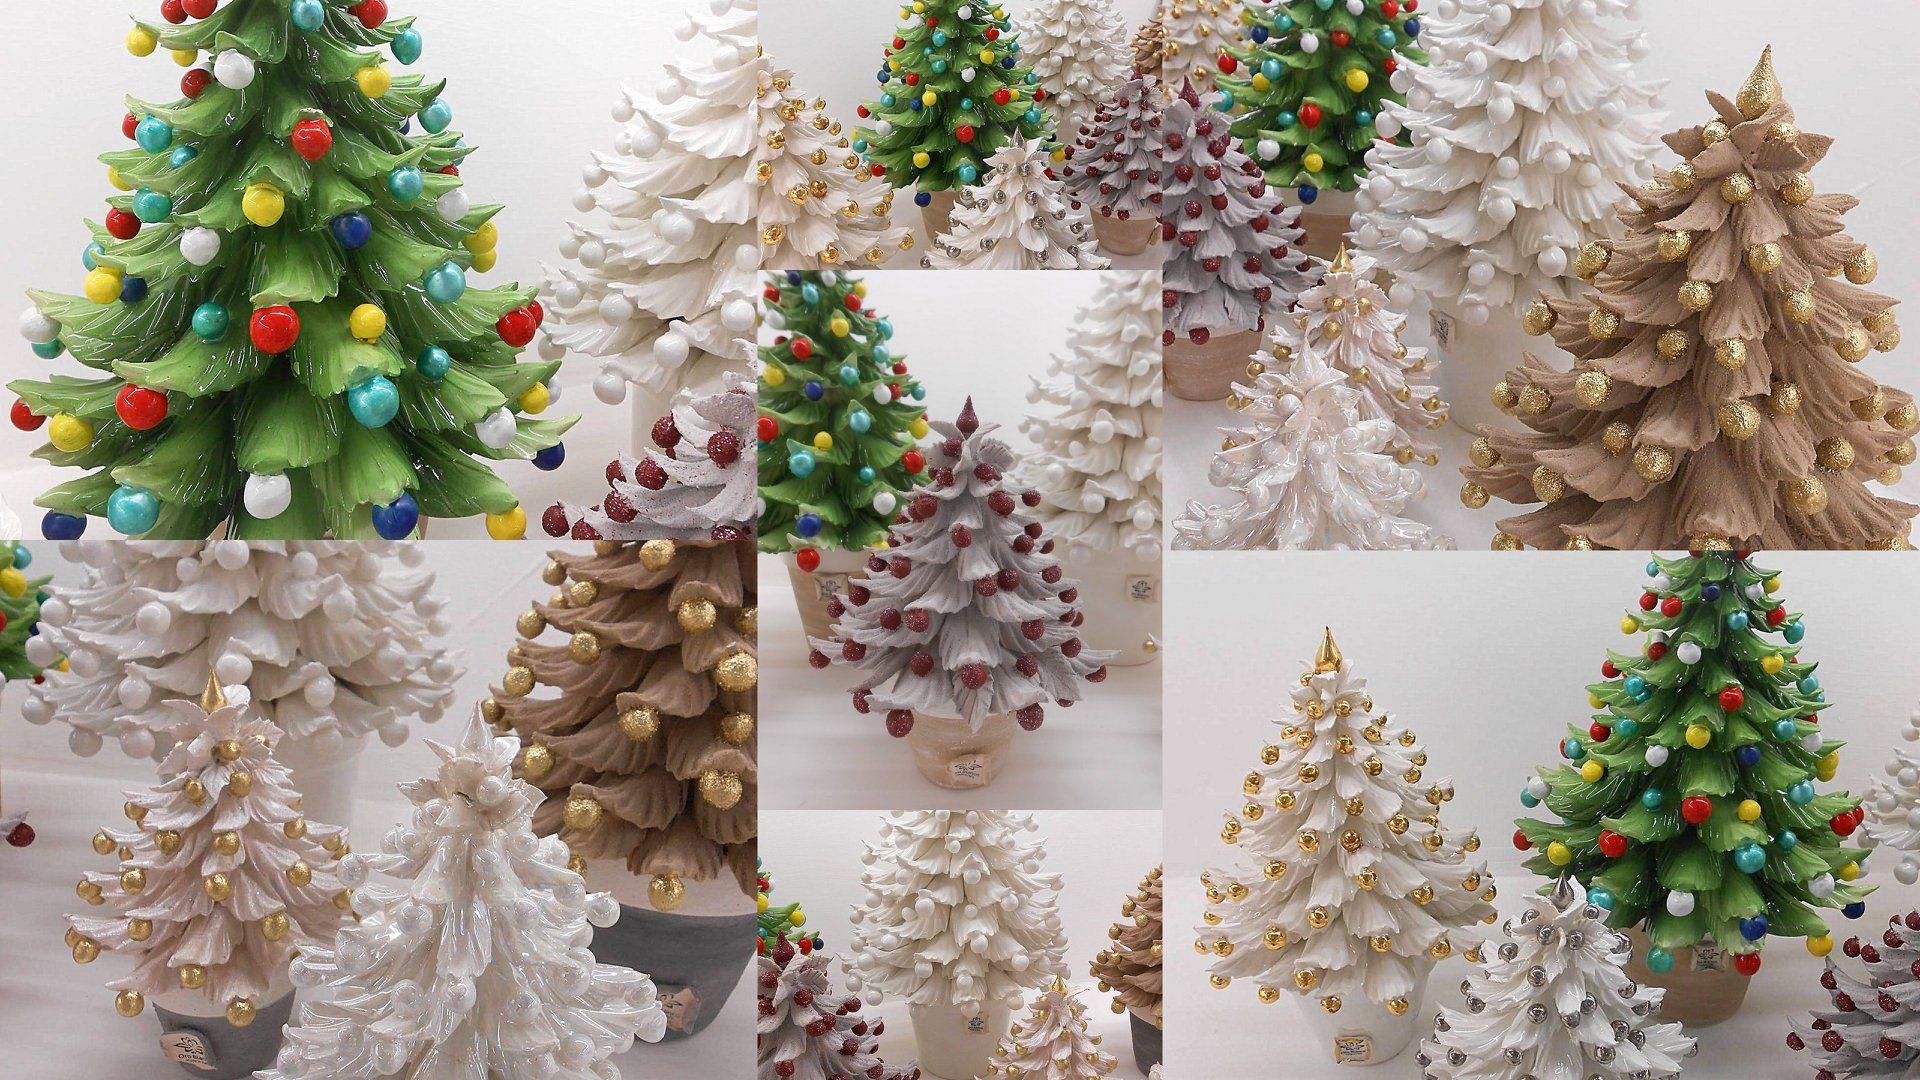 Decorazioni Natalizie Acquisto On Line.Alberi Natalizi Porcellane Di Capodimonte Decorazioni Natalizie Decorazioni Regali Di Natale